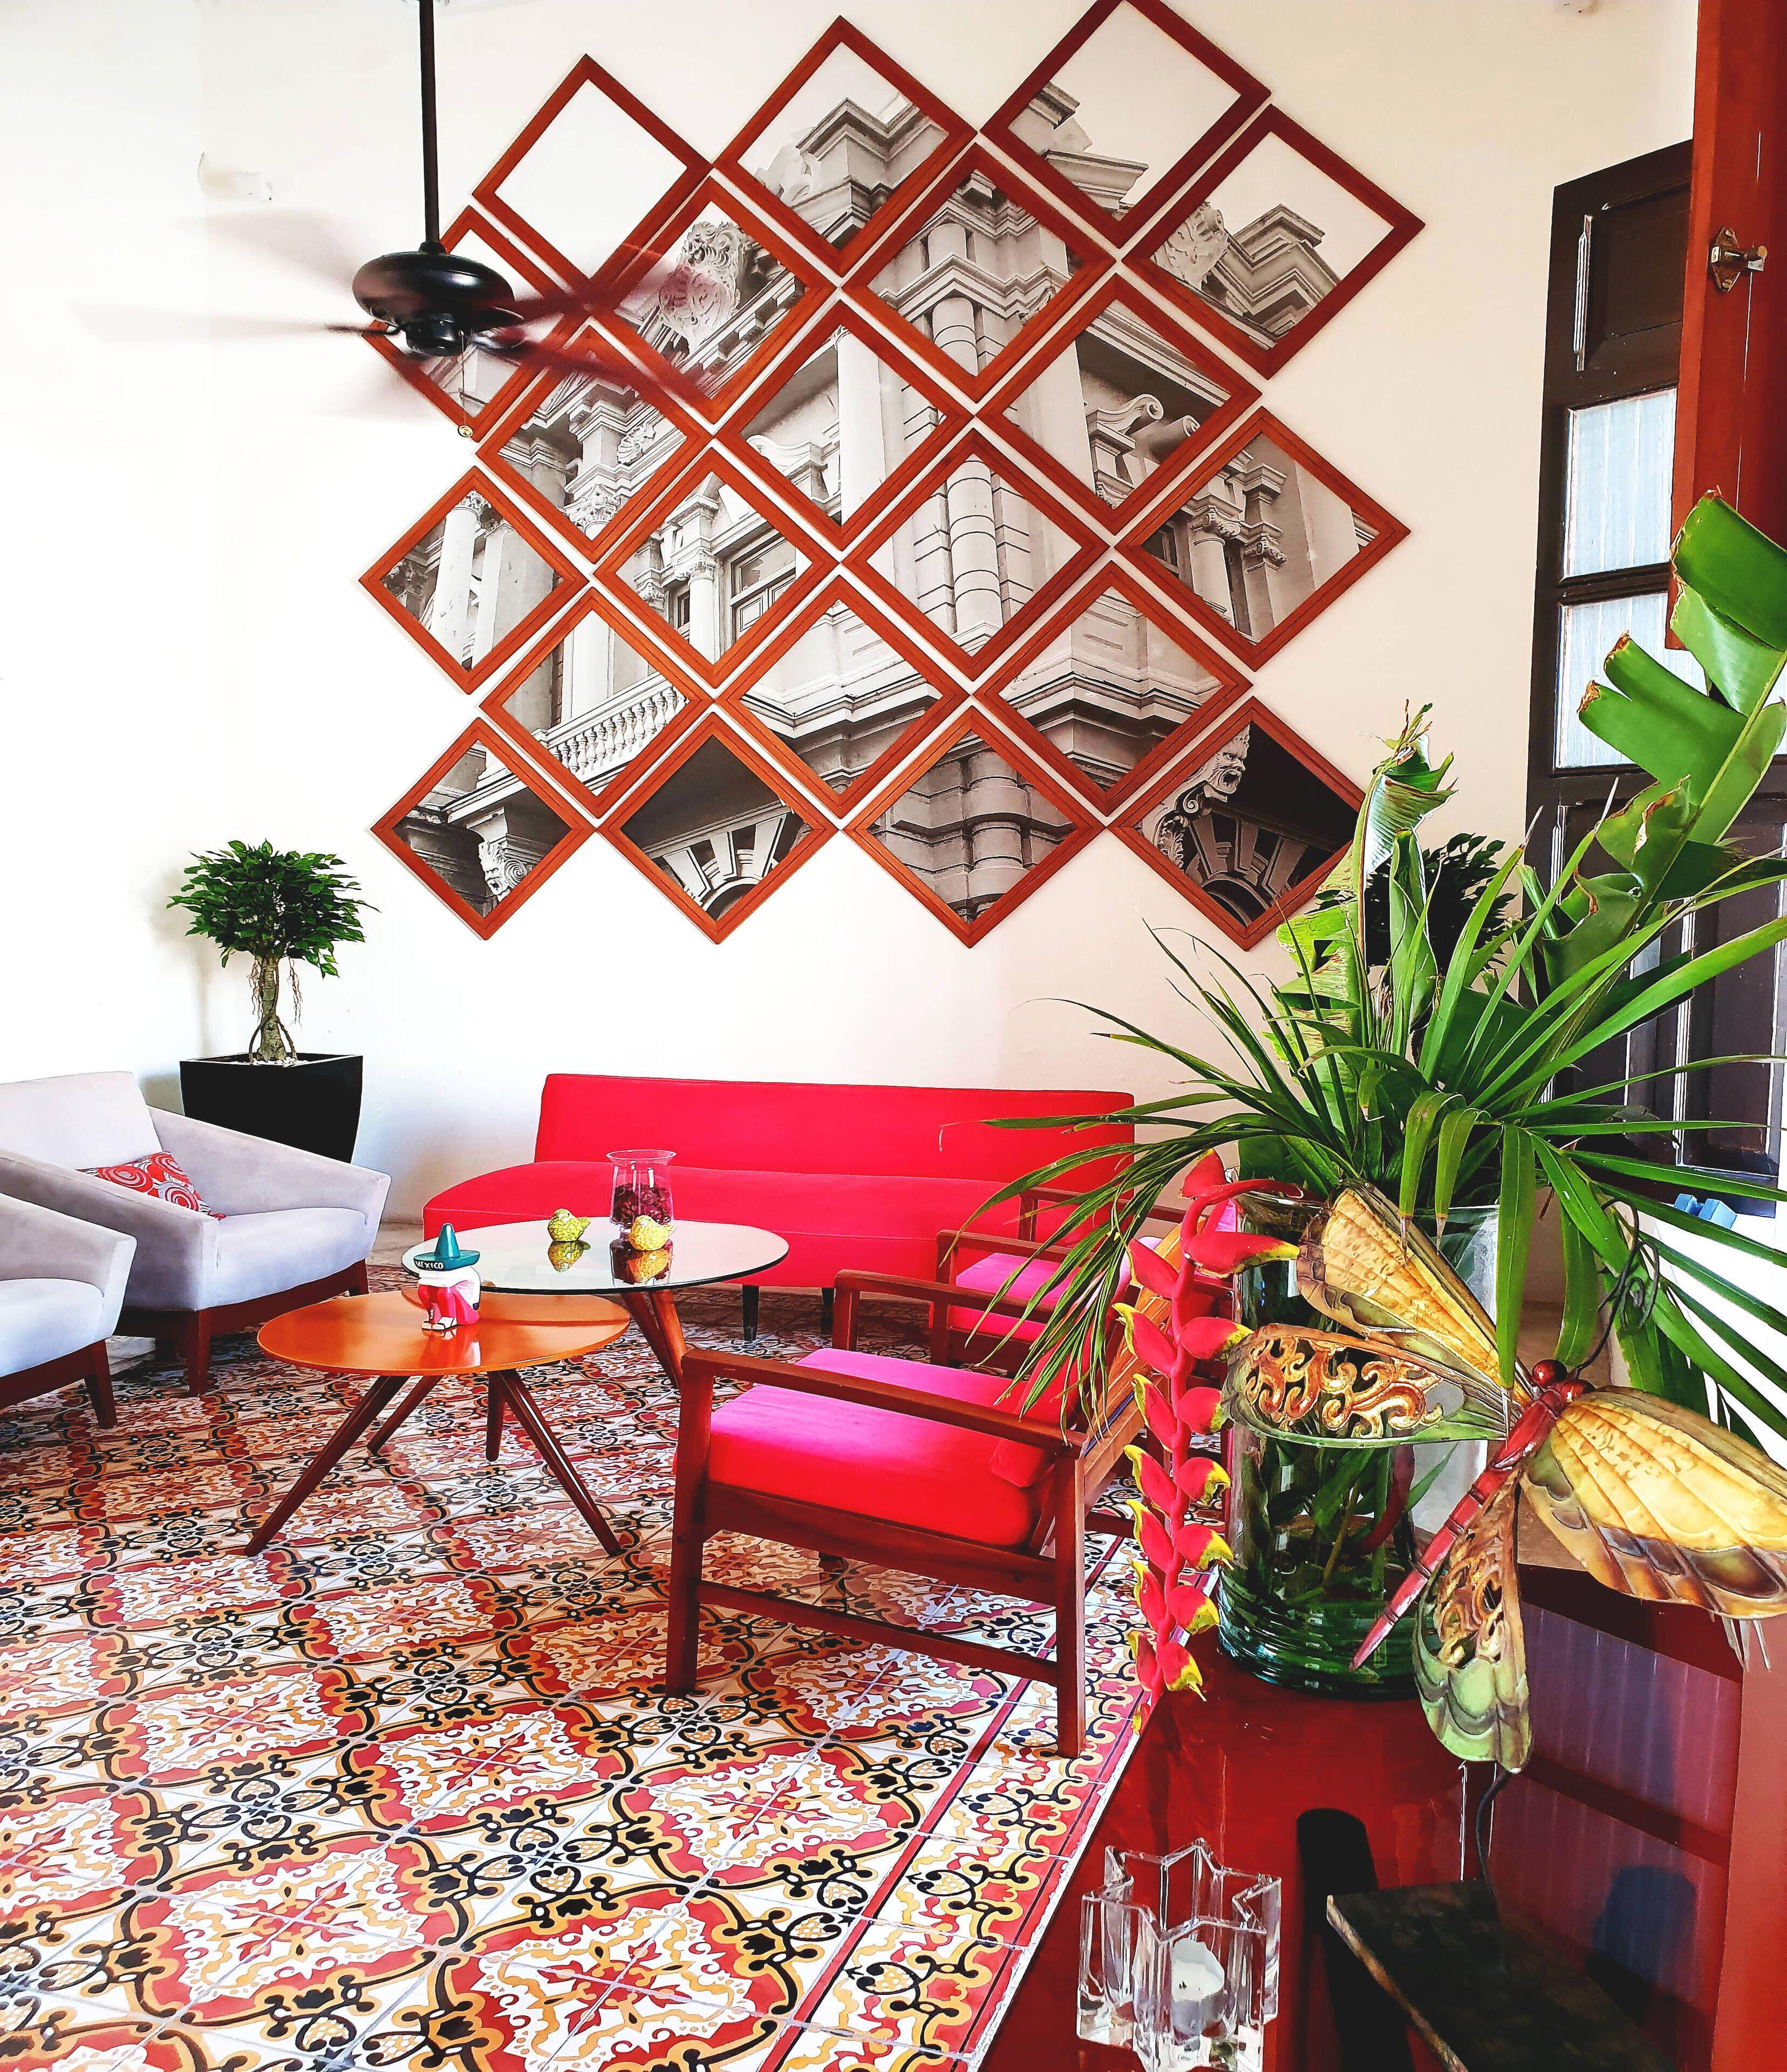 Courtesy of Mérida Santiago Hotel Boutique / Expedia.com